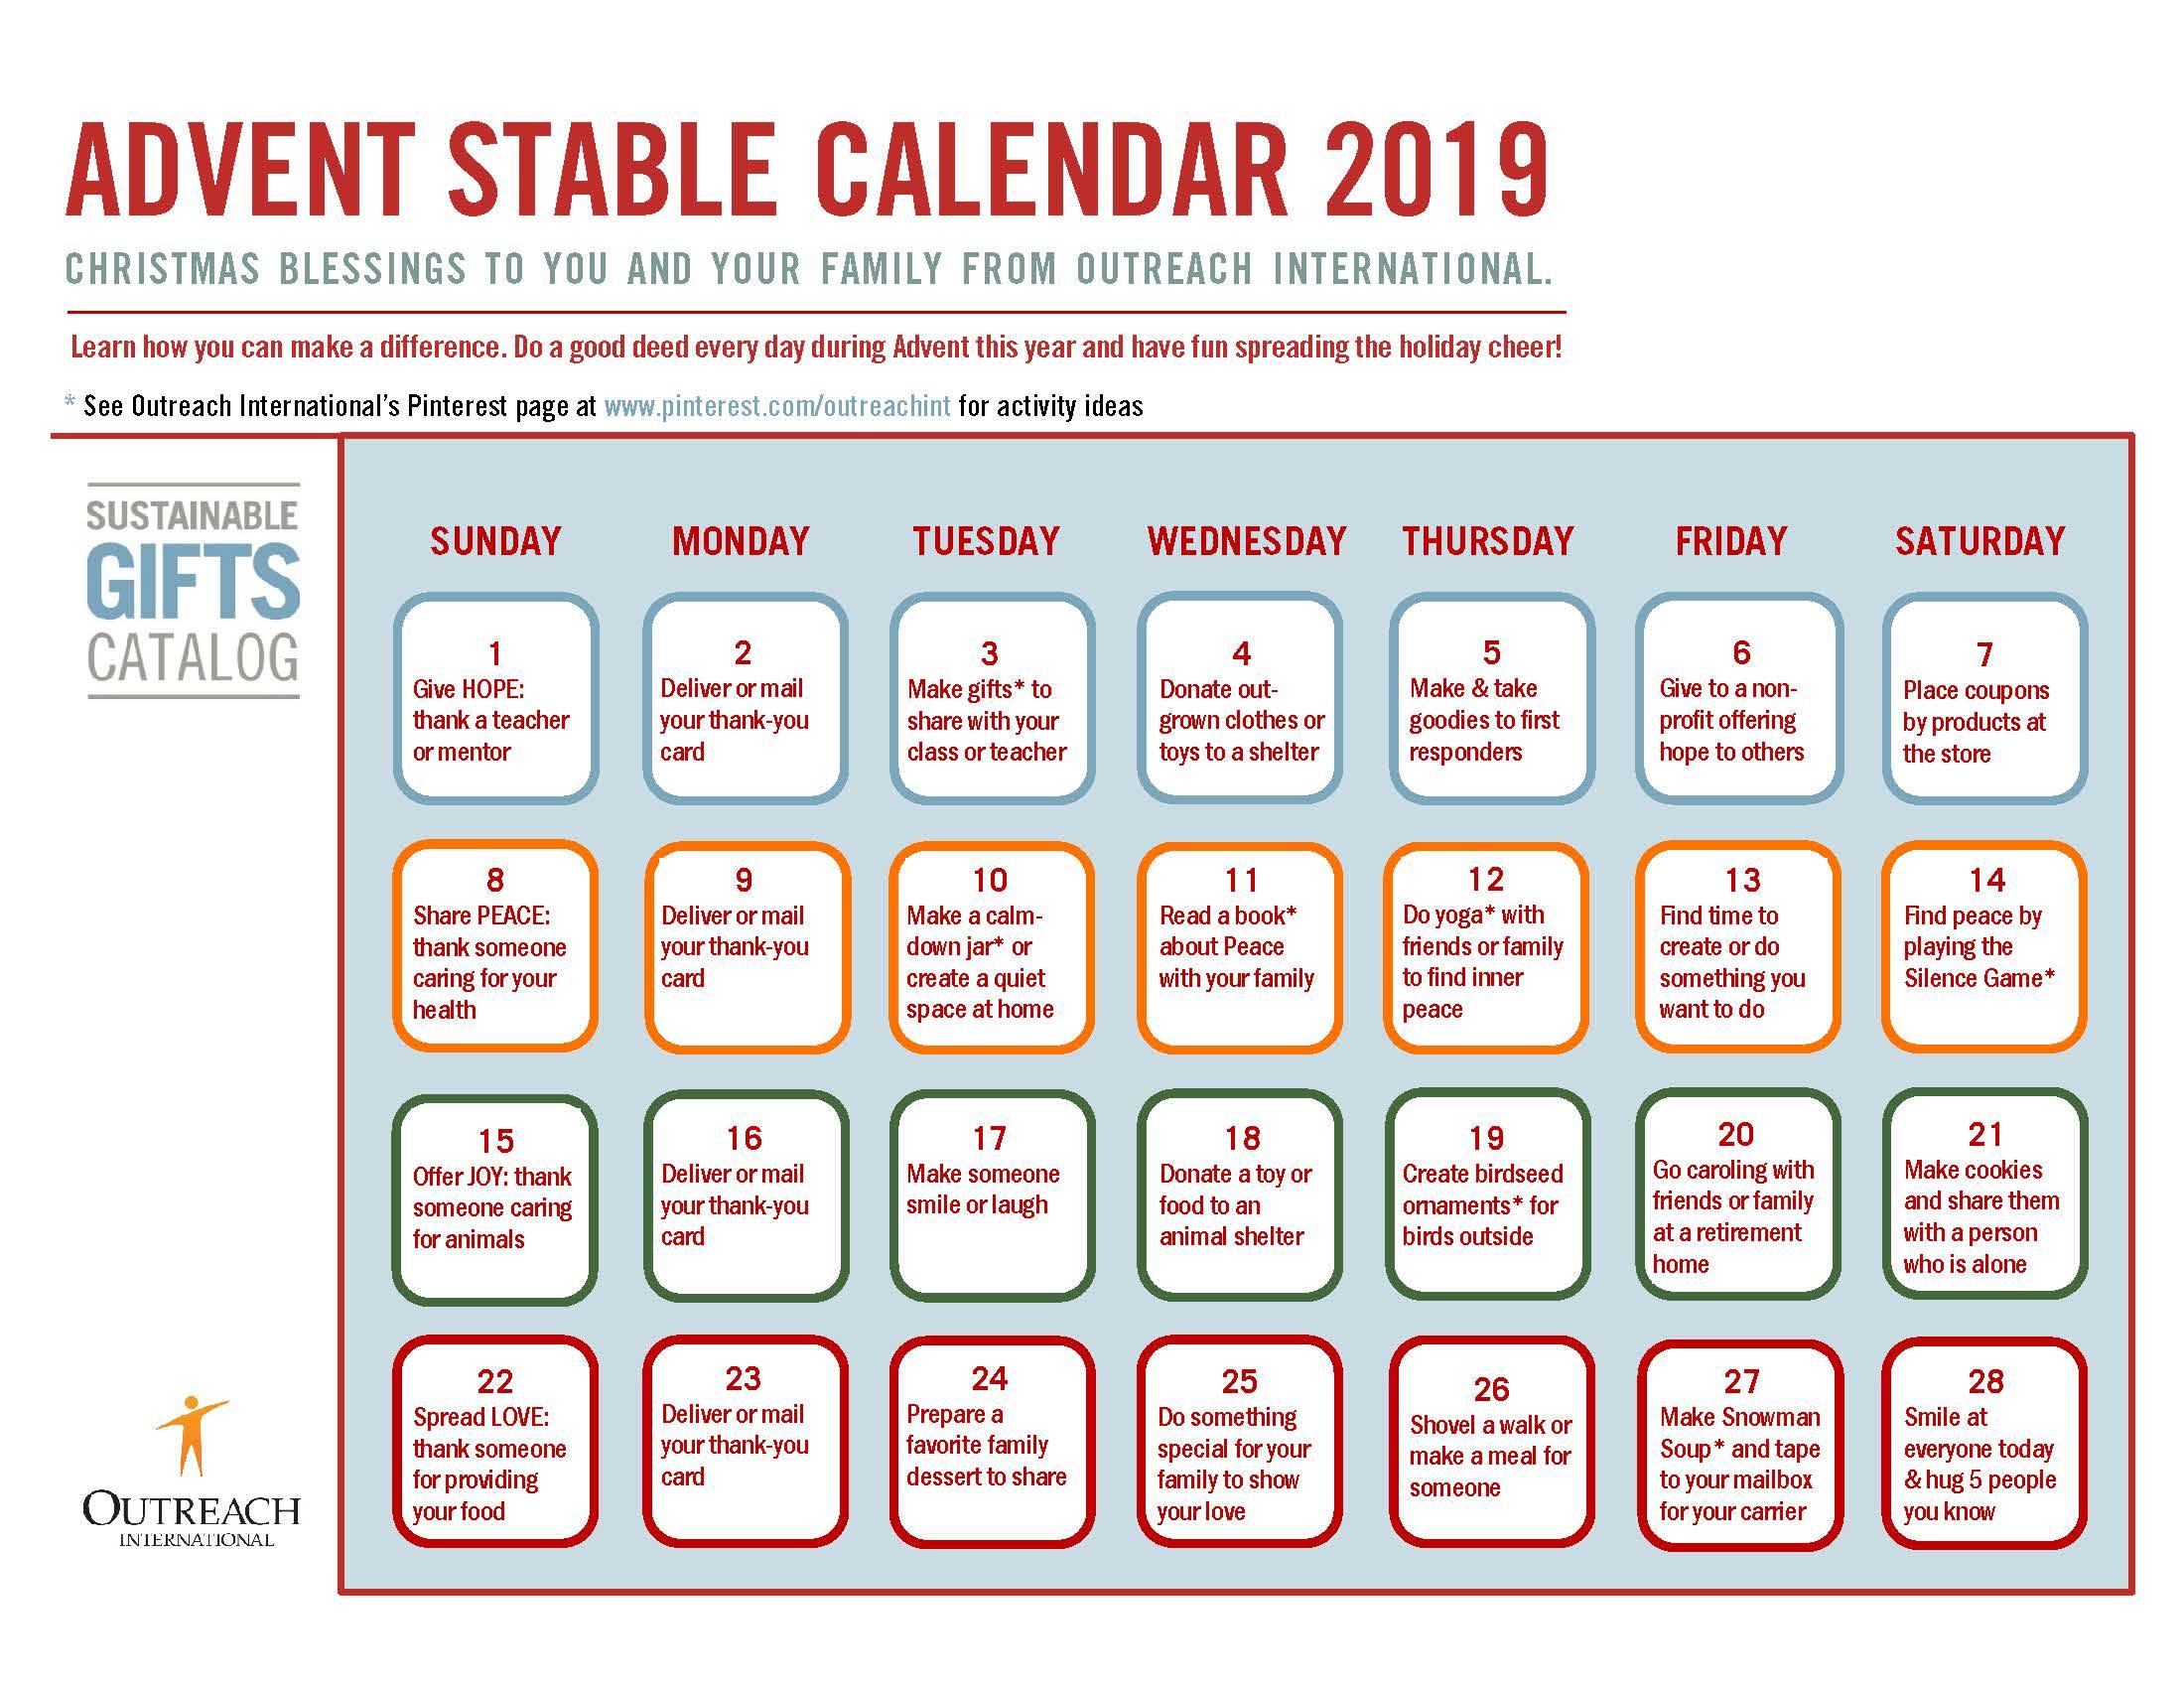 Advent Stable Calendar 2019